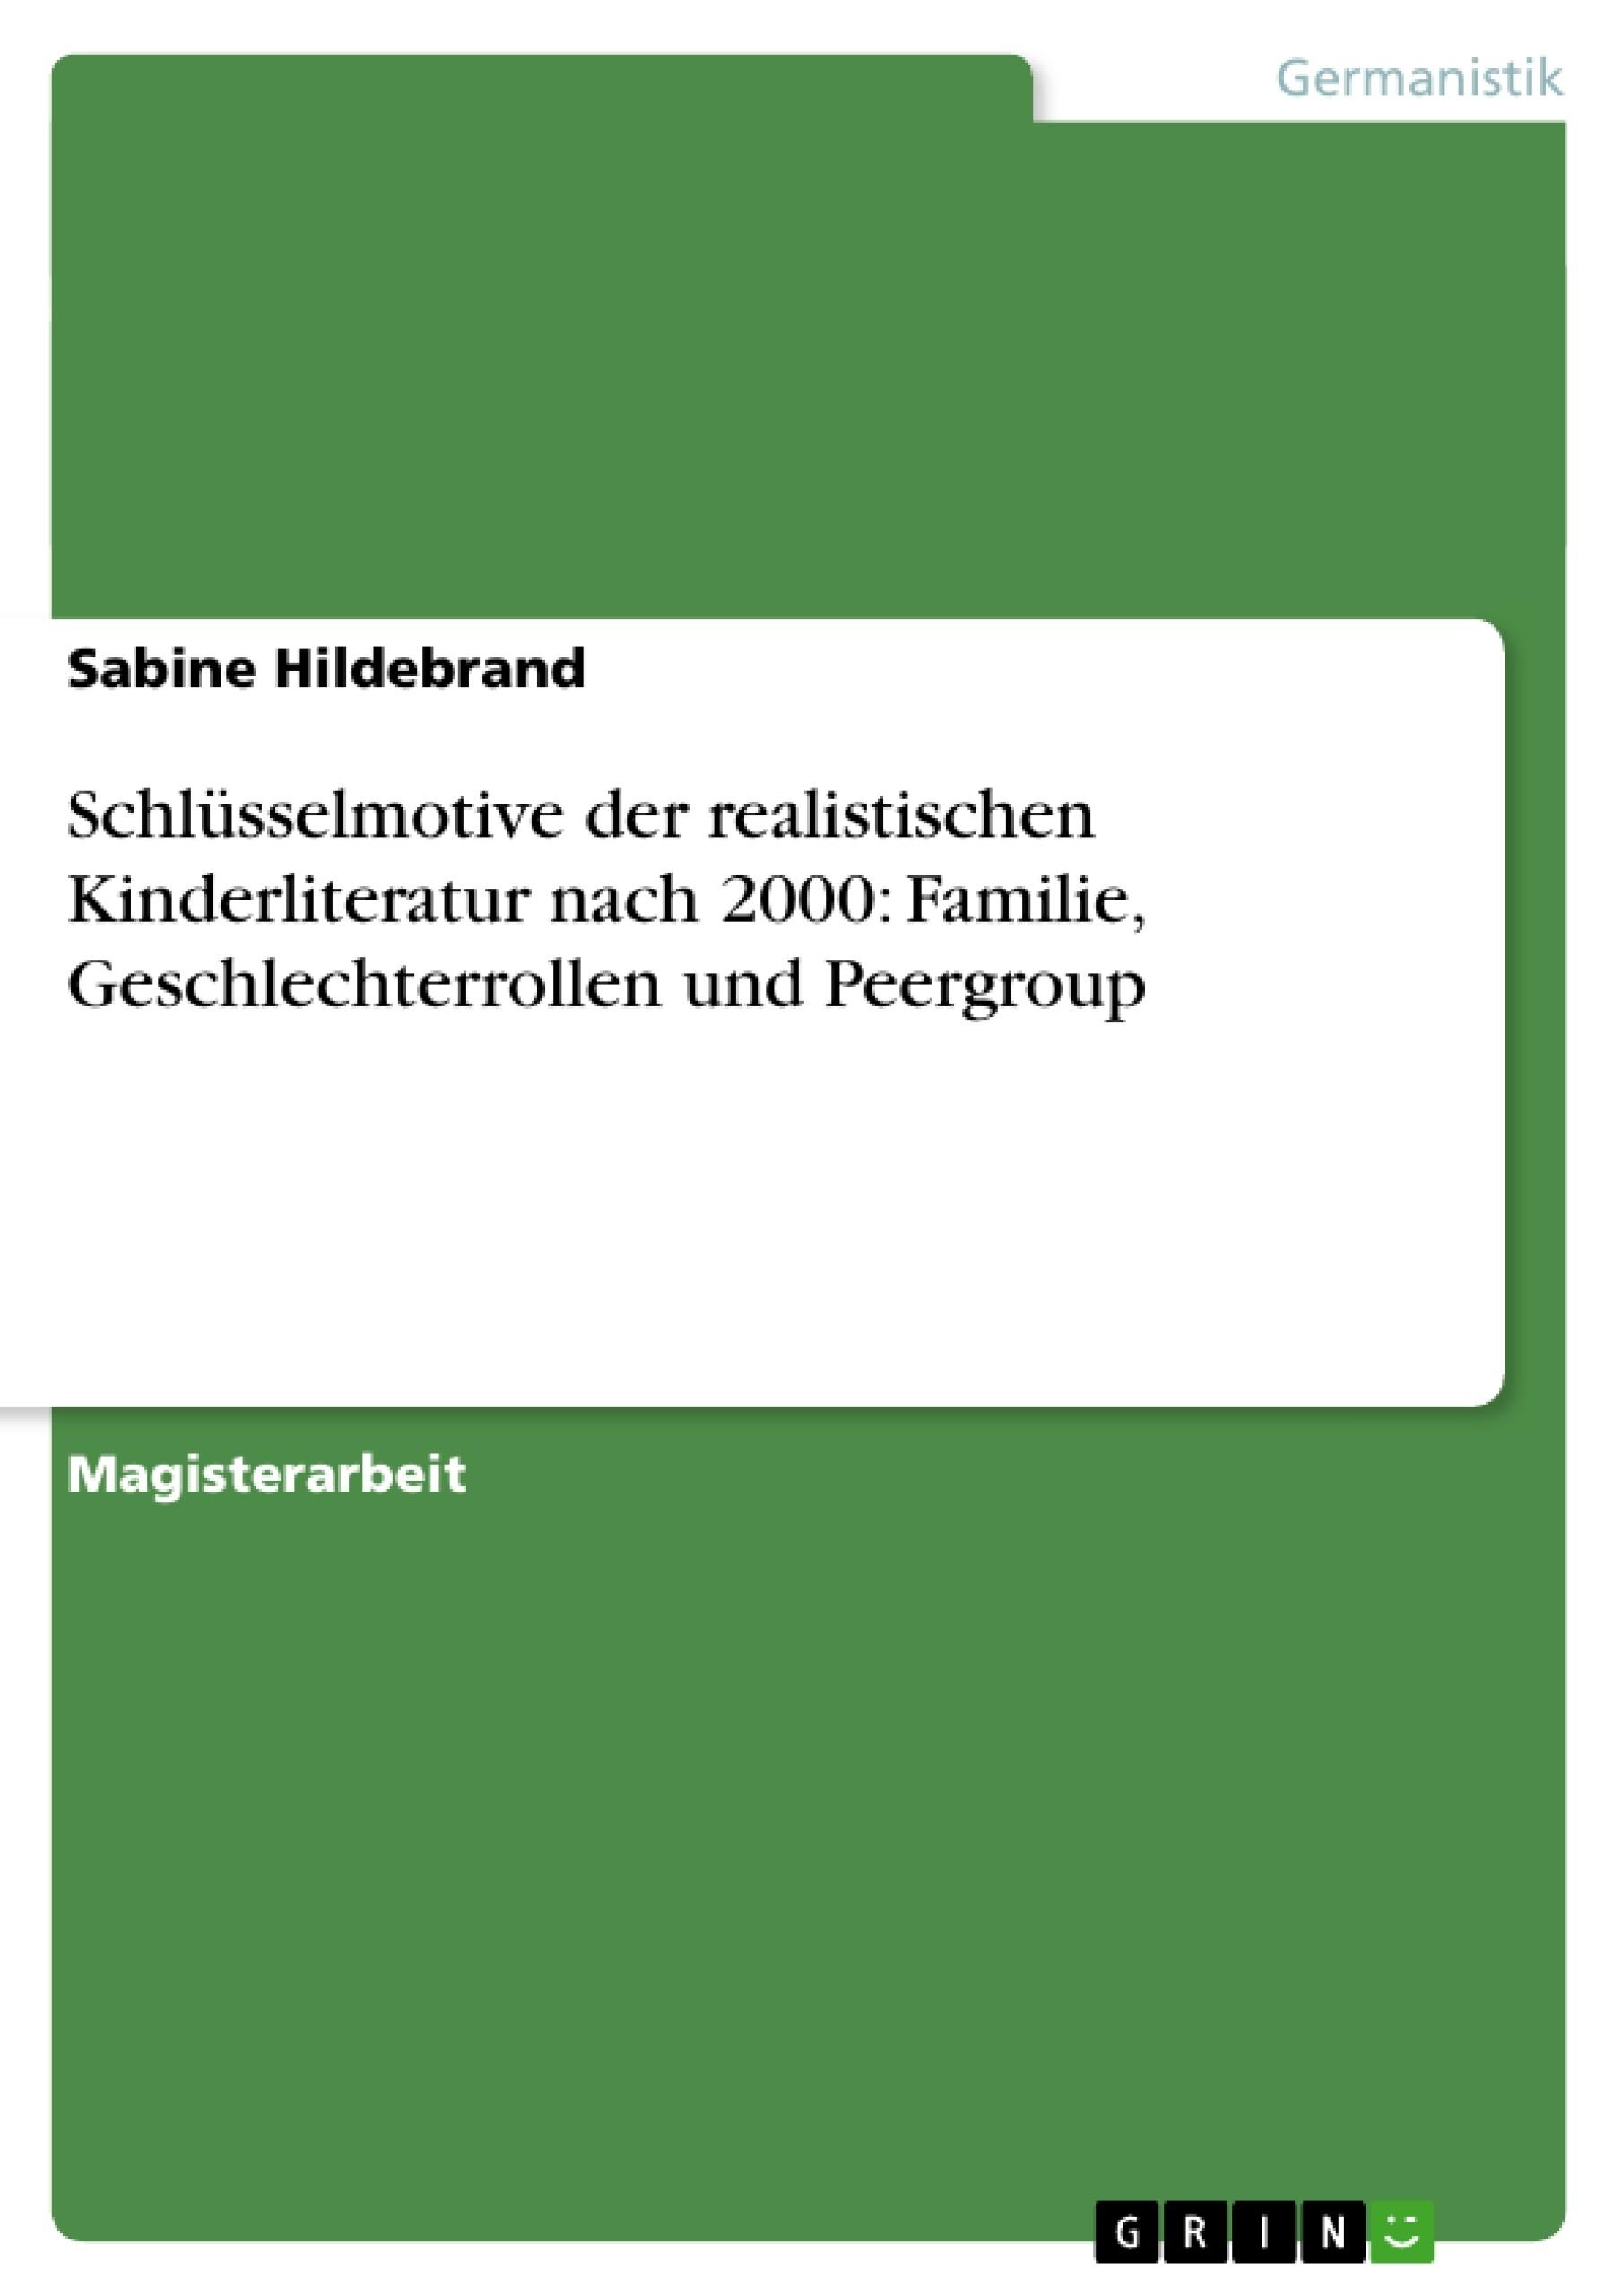 Titel: Schlüsselmotive der realistischen Kinderliteratur nach 2000: Familie, Geschlechterrollen und Peergroup